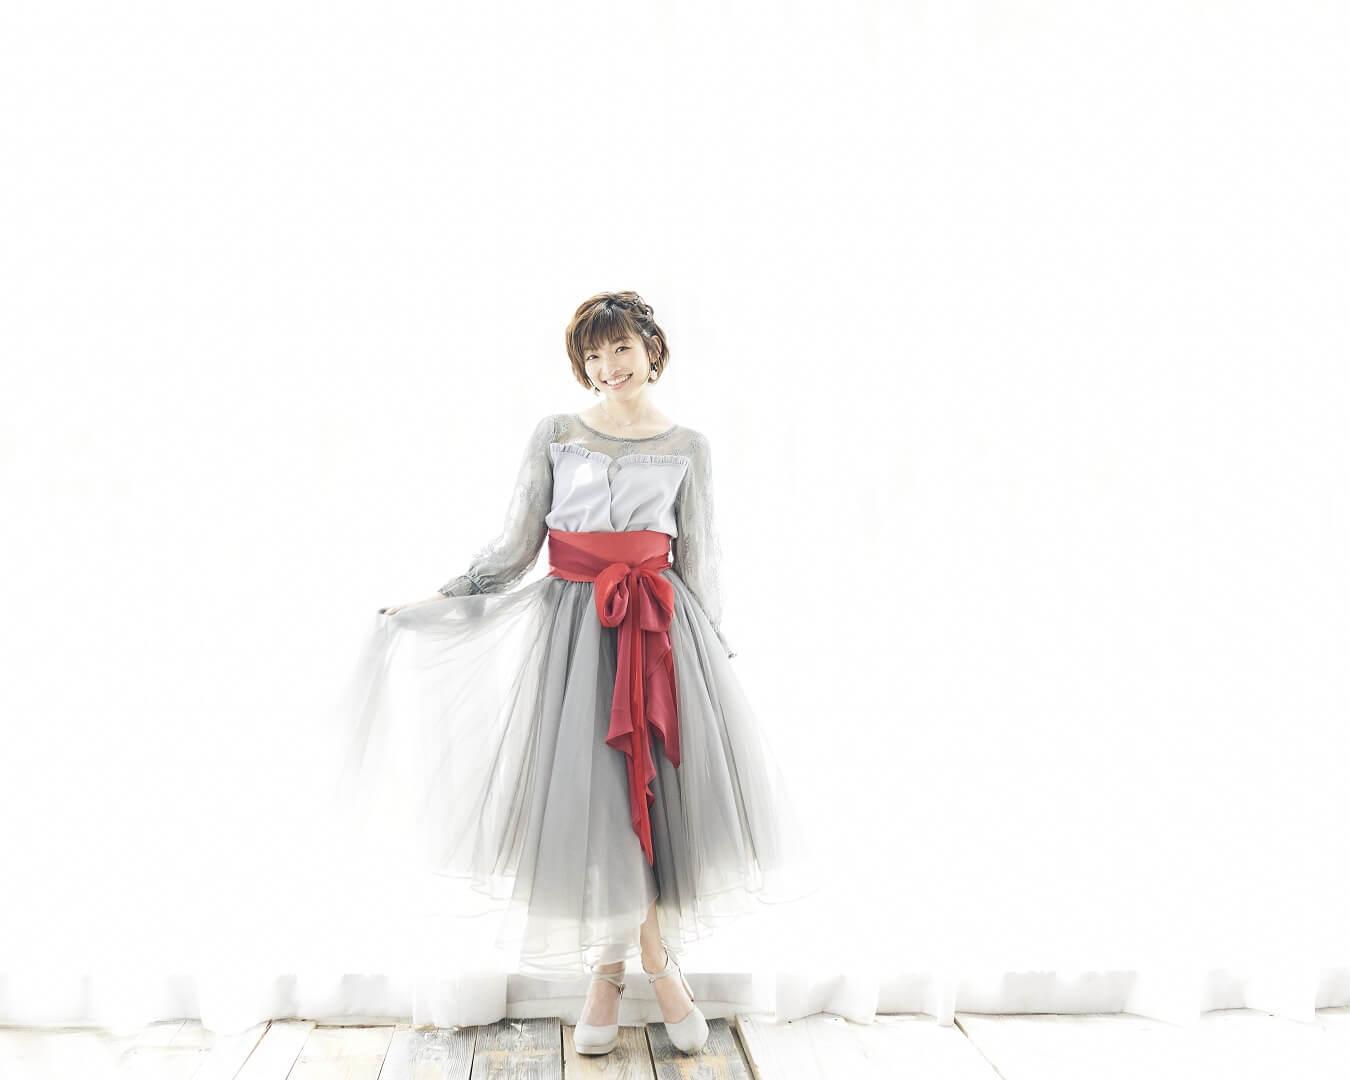 吉田仁美 歌手デビュー10周年記念ベストアルバム詳細発表サムネイル画像